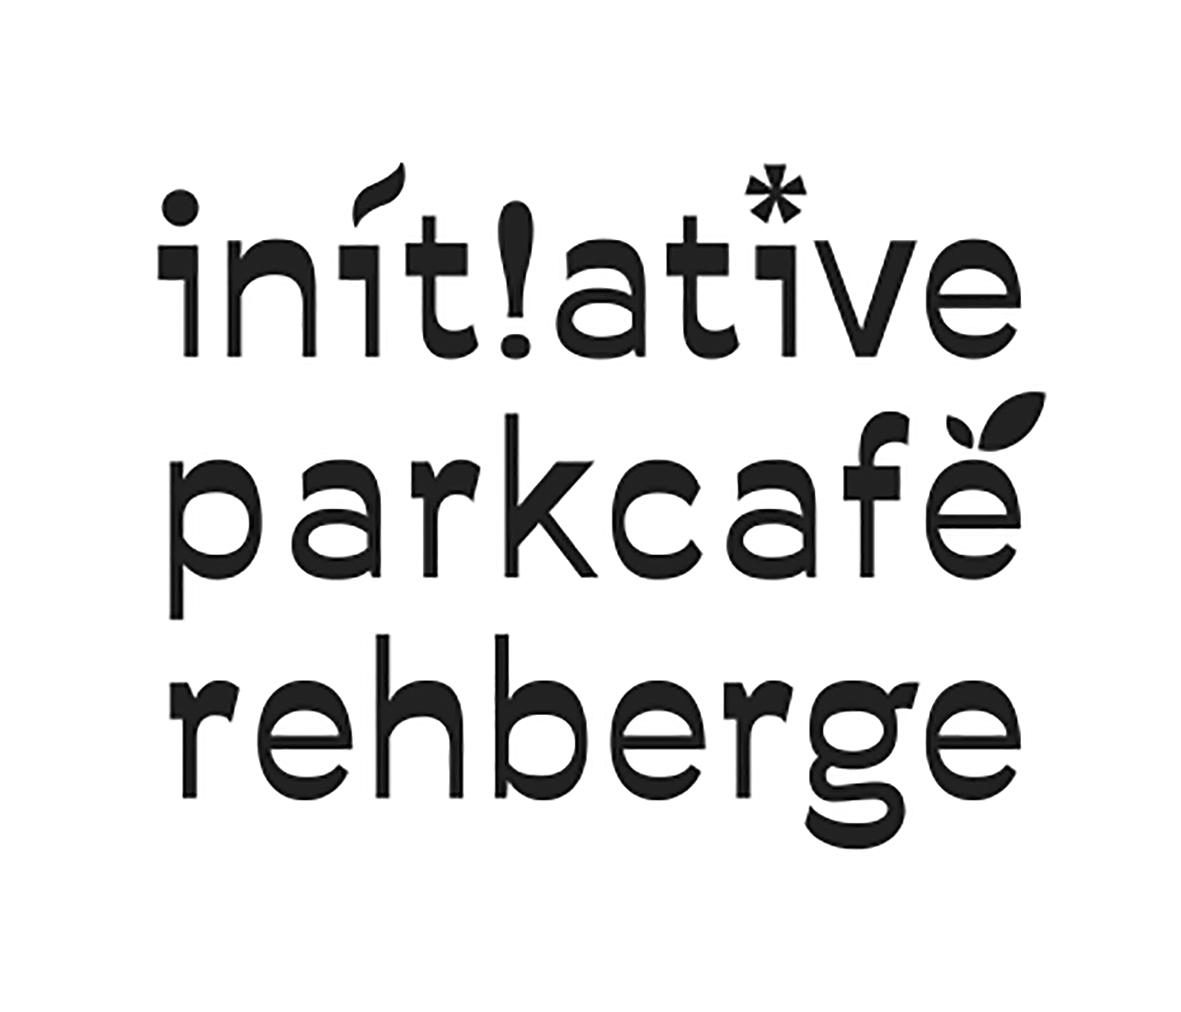 Das Logo der Initiative Parkcafé.